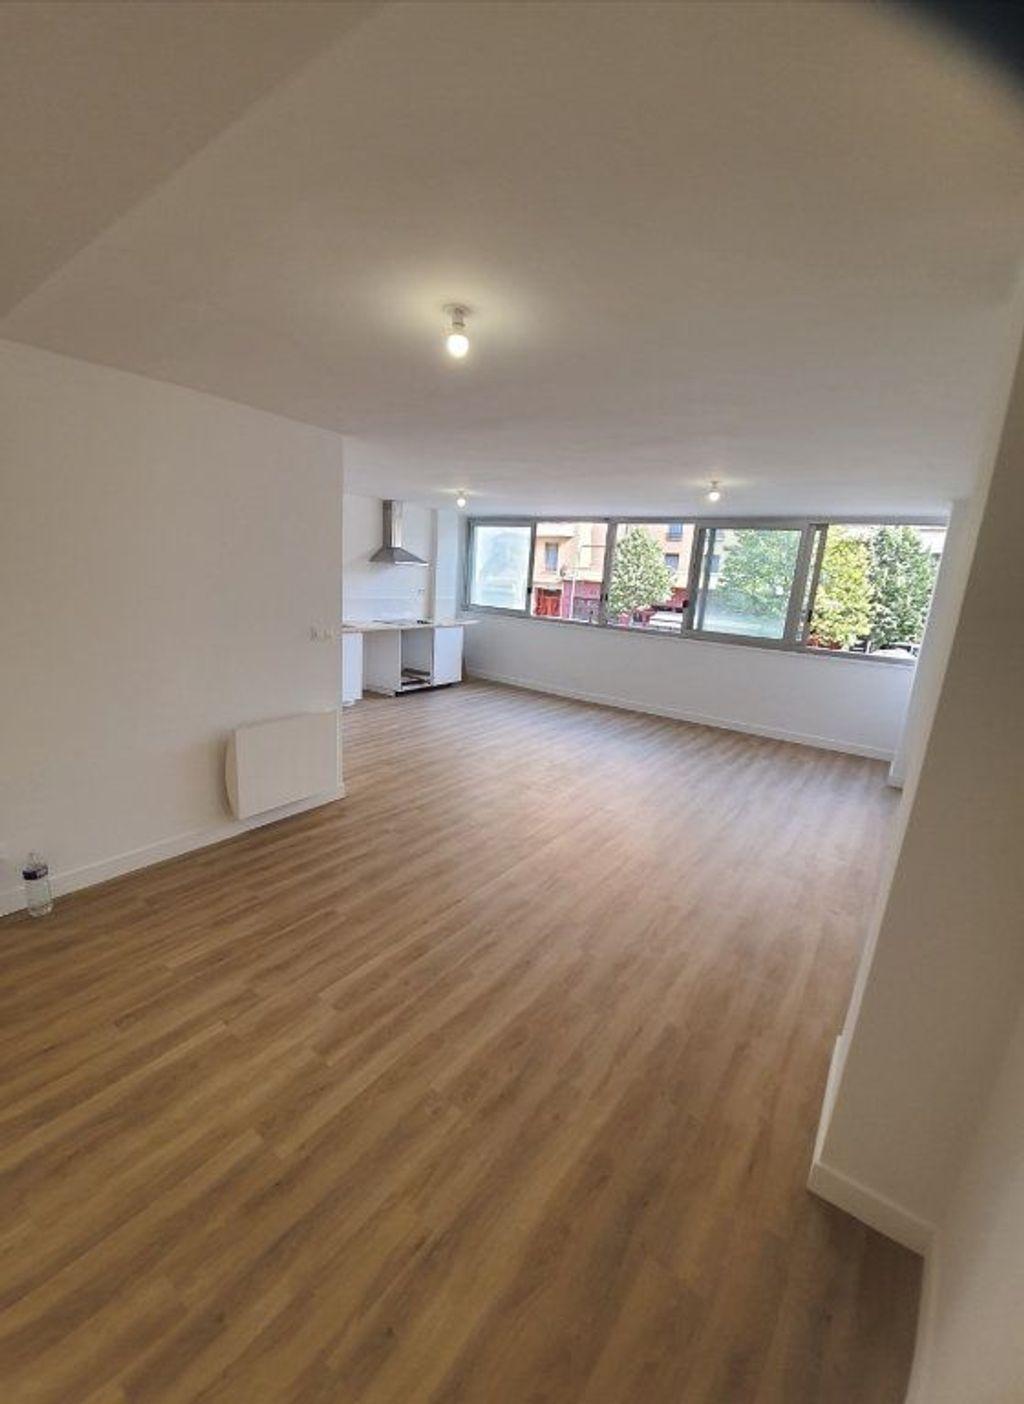 Achat appartement 4pièces 80m² - Marseille 8ème arrondissement